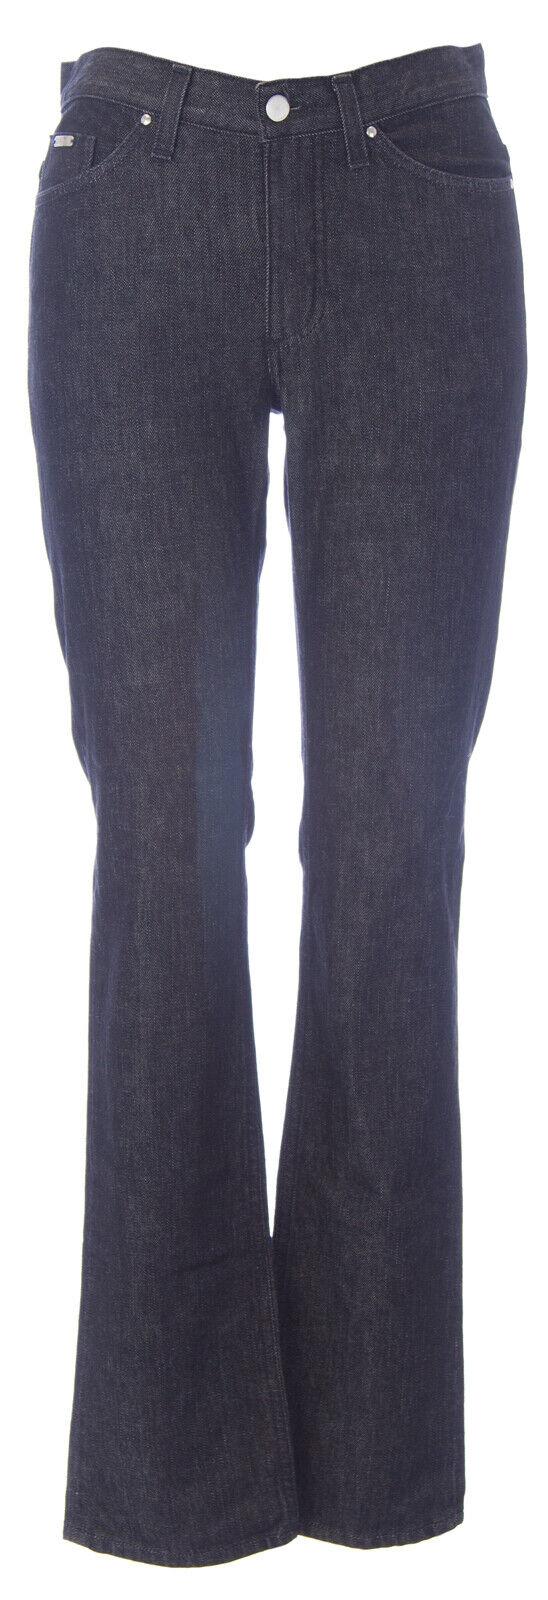 Gant Donna nero Dawn Jeans Vestibilità Classica 410517 Taglie 28 32